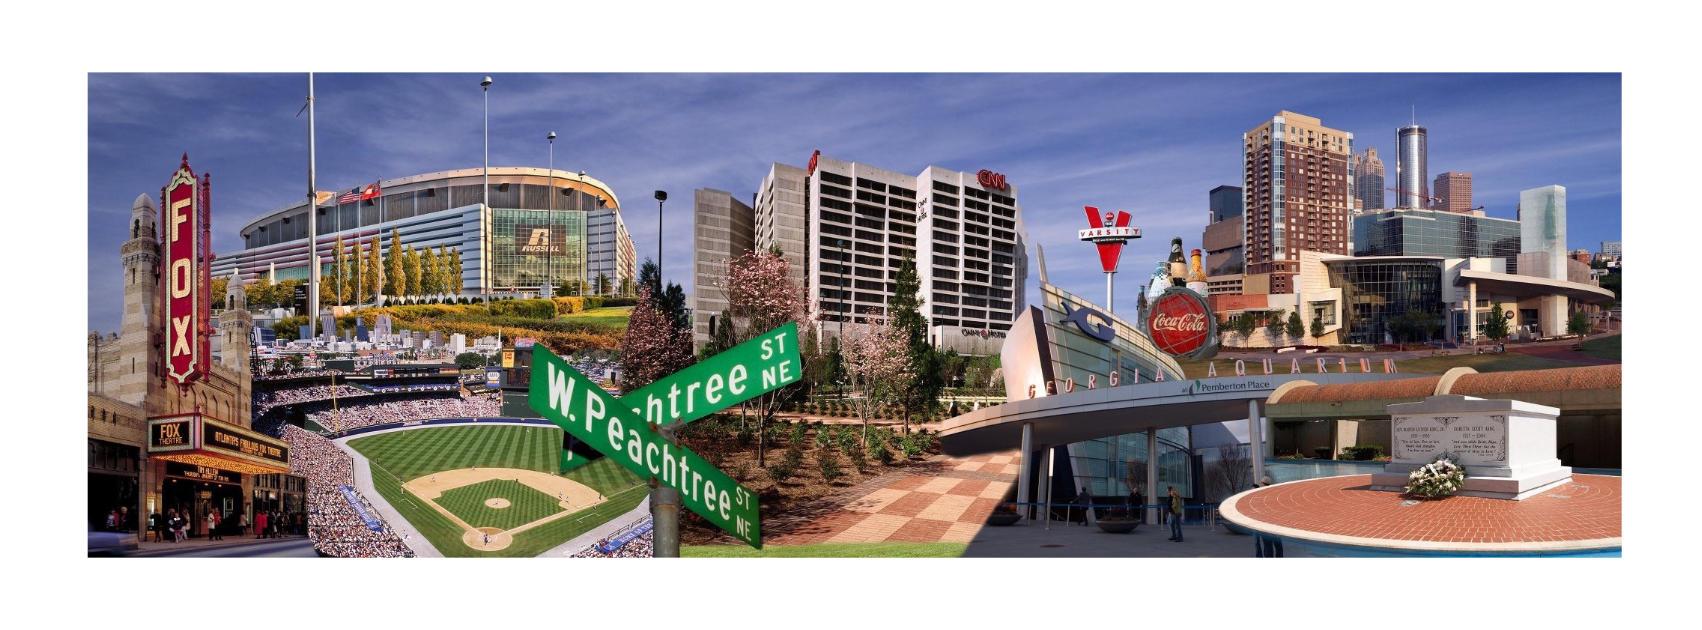 Roundabout Atlanta Tours  & Transportation image 0